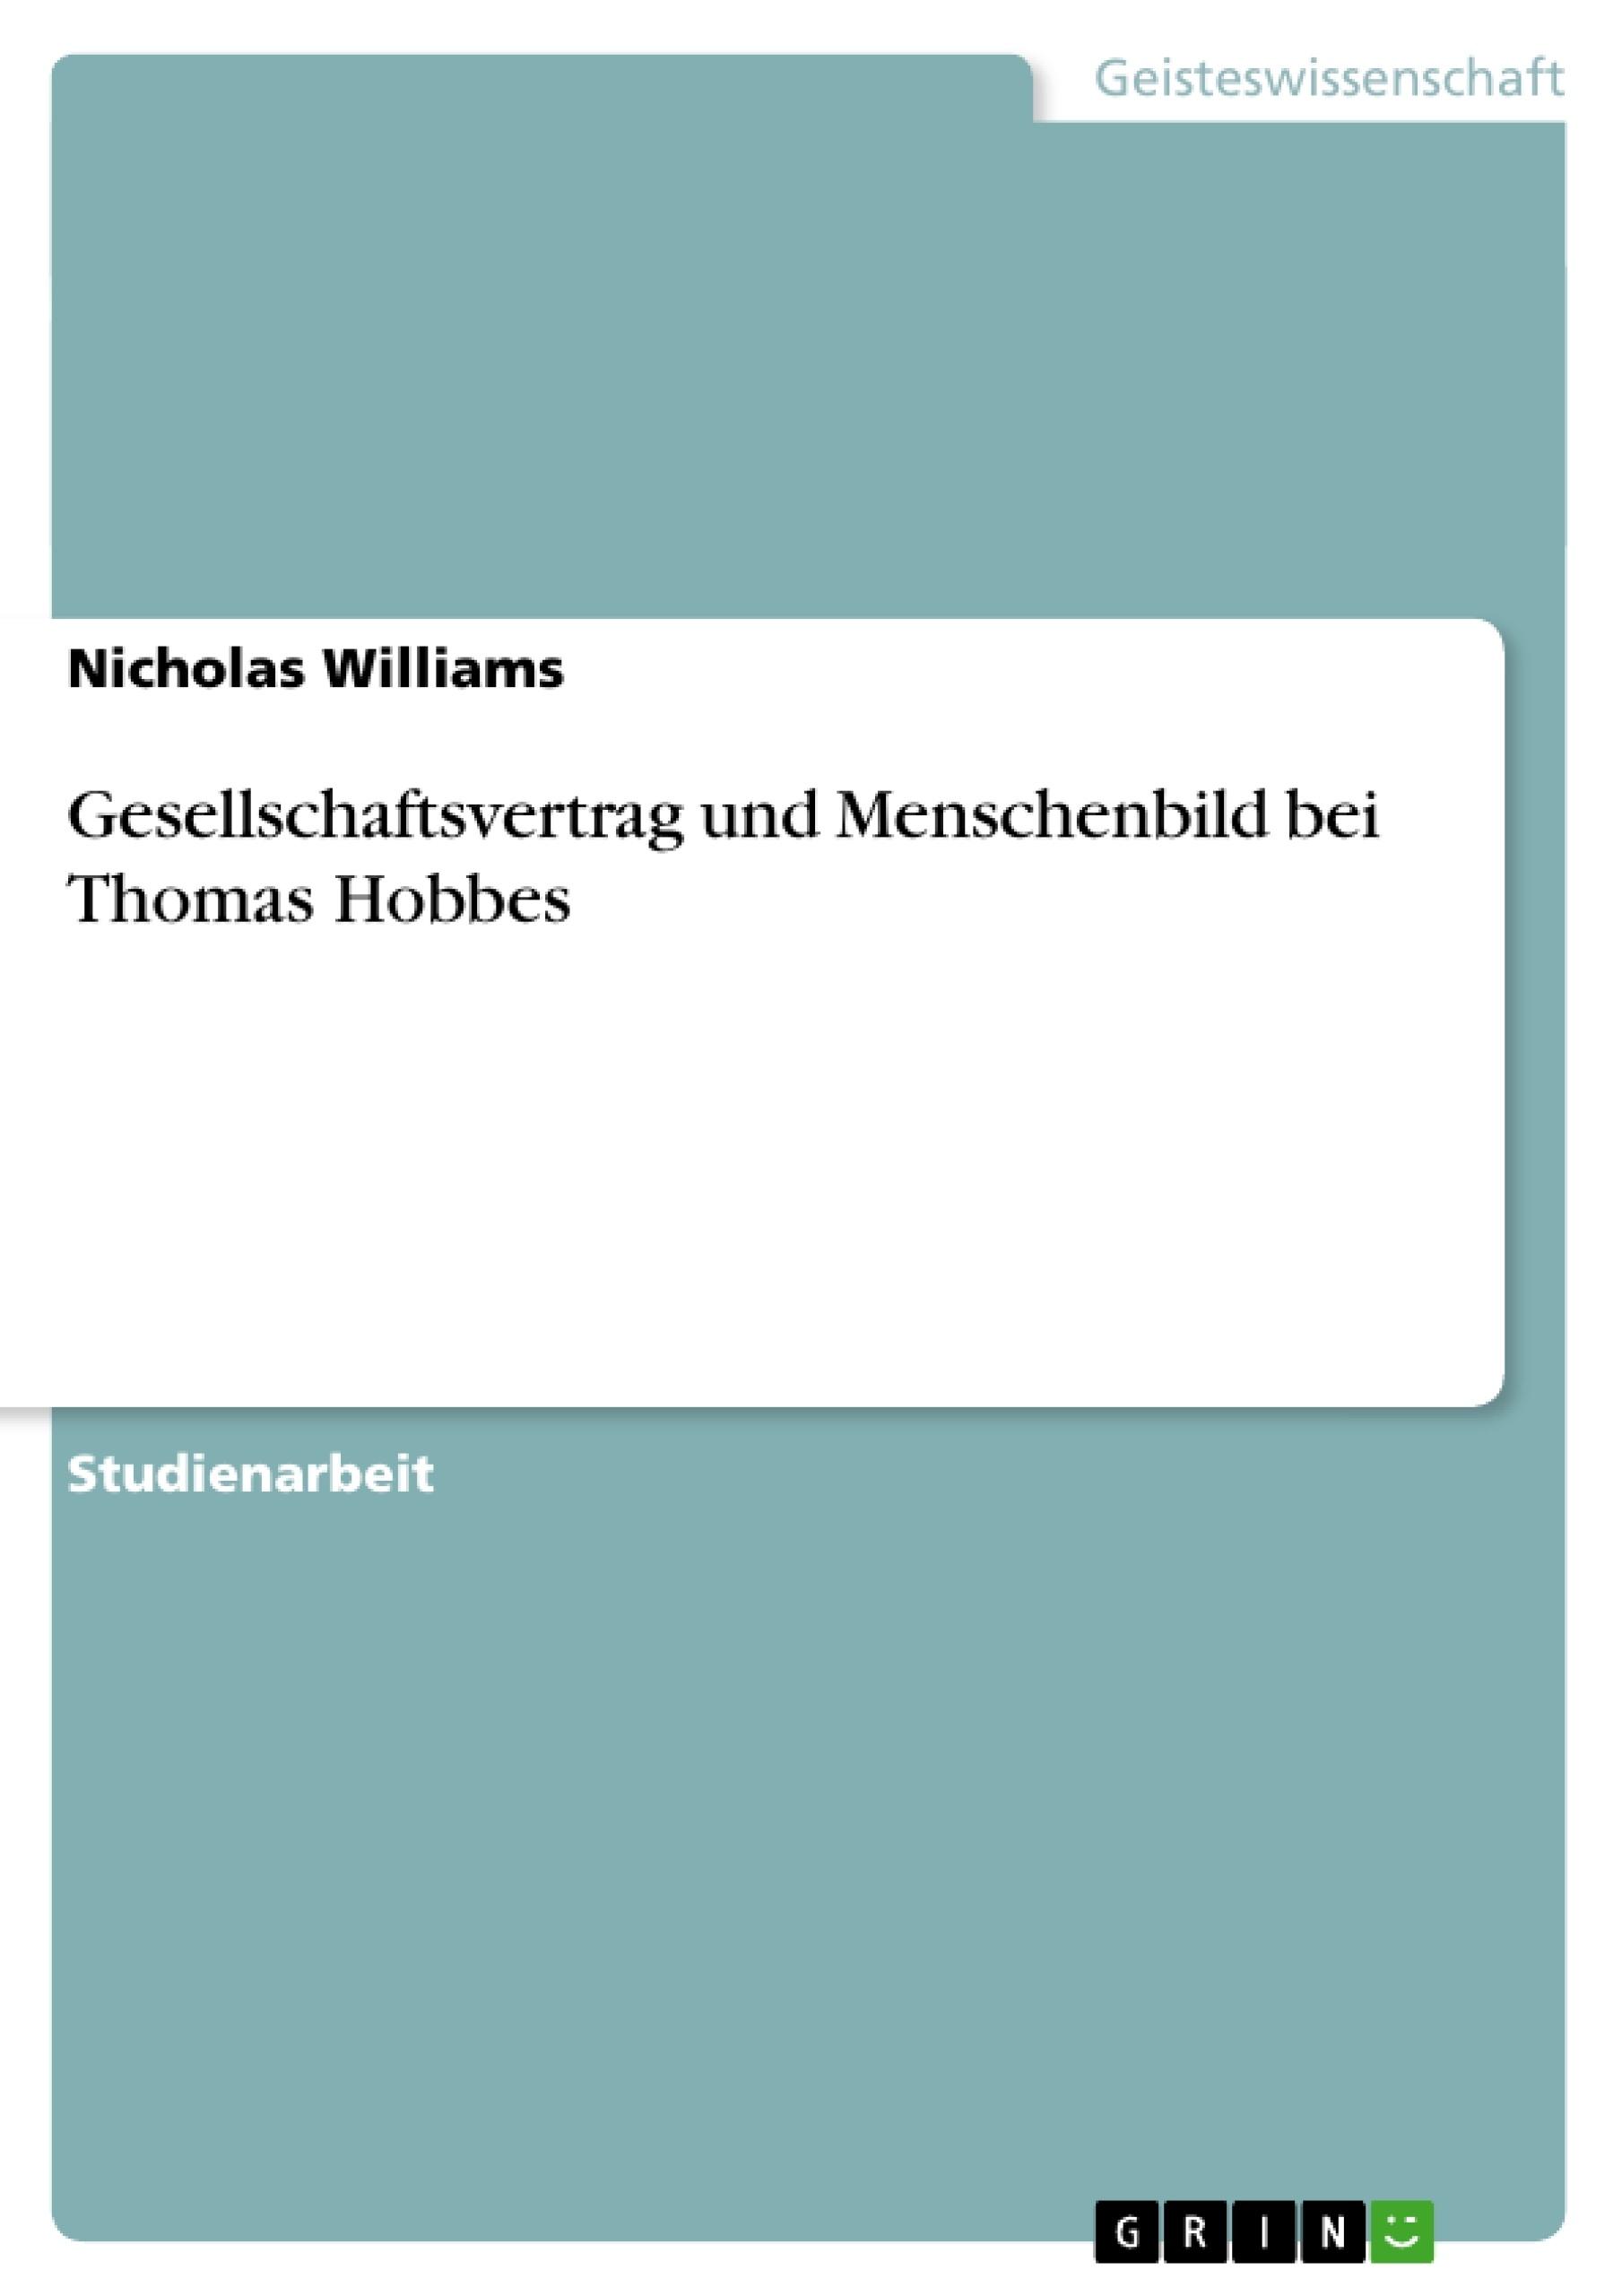 Titel: Gesellschaftsvertrag und Menschenbild bei Thomas Hobbes